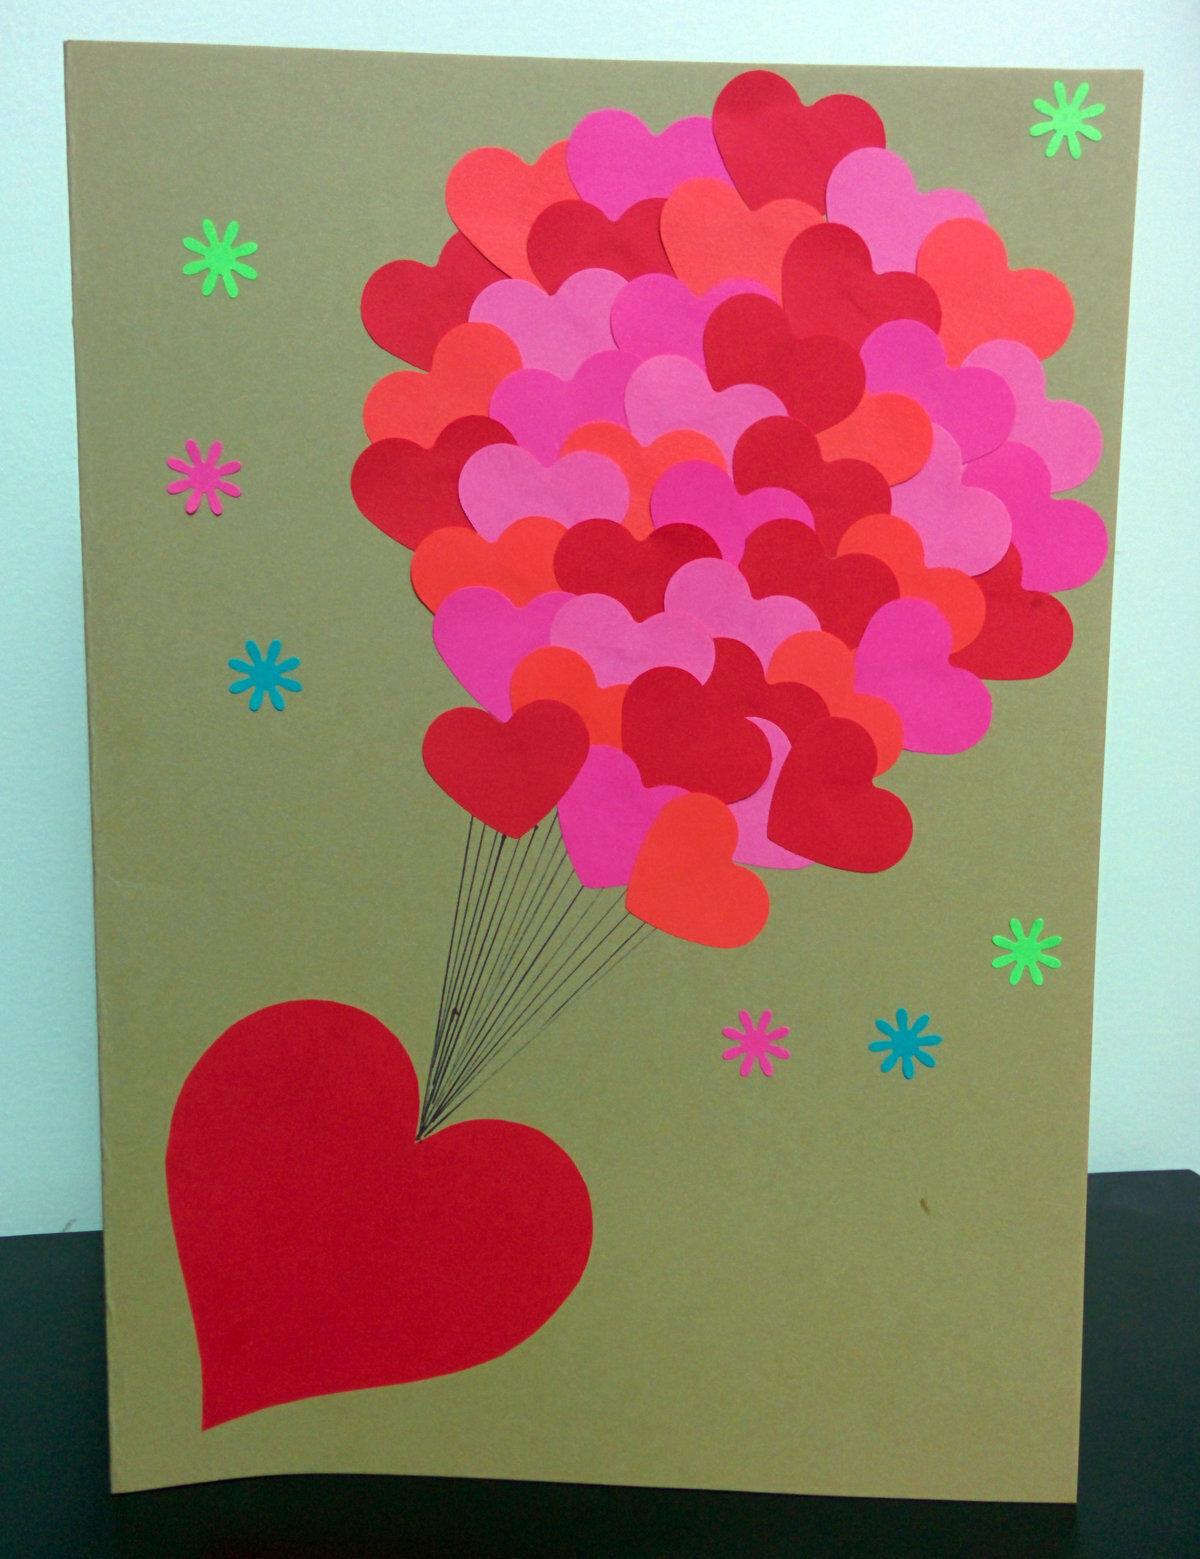 Самодельные открытки из цветного картона, днем